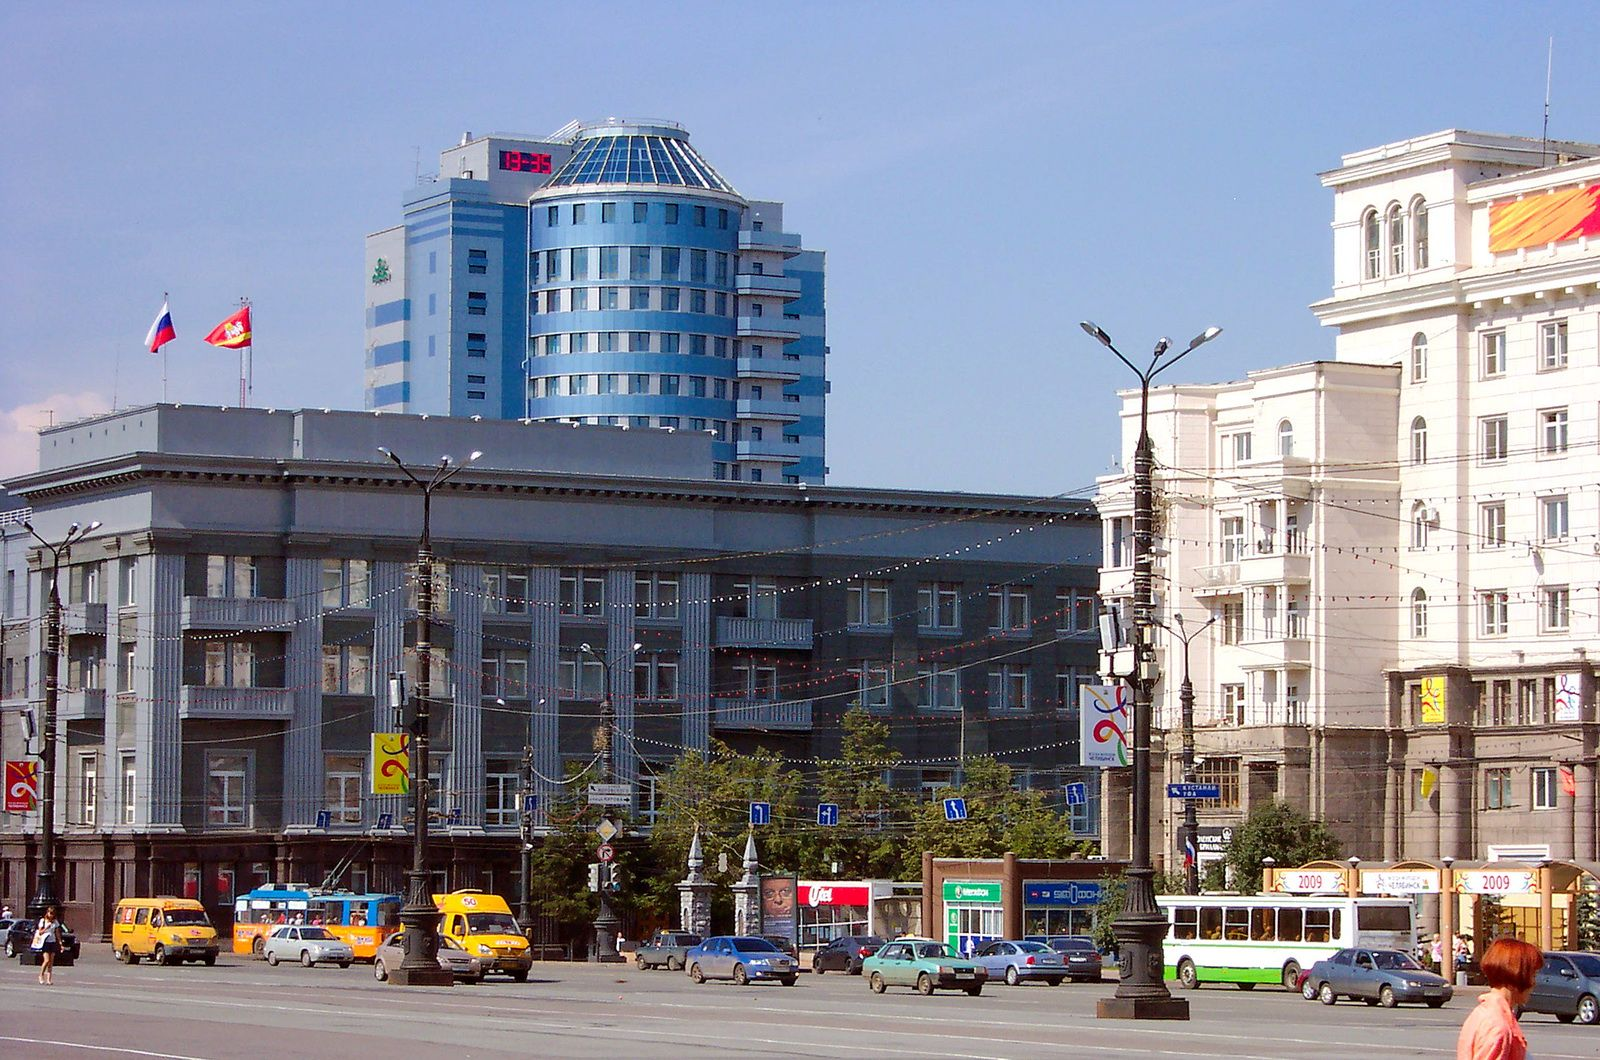 Челябинск. Вид на здание Областного Законодательного Собрания город челябинск